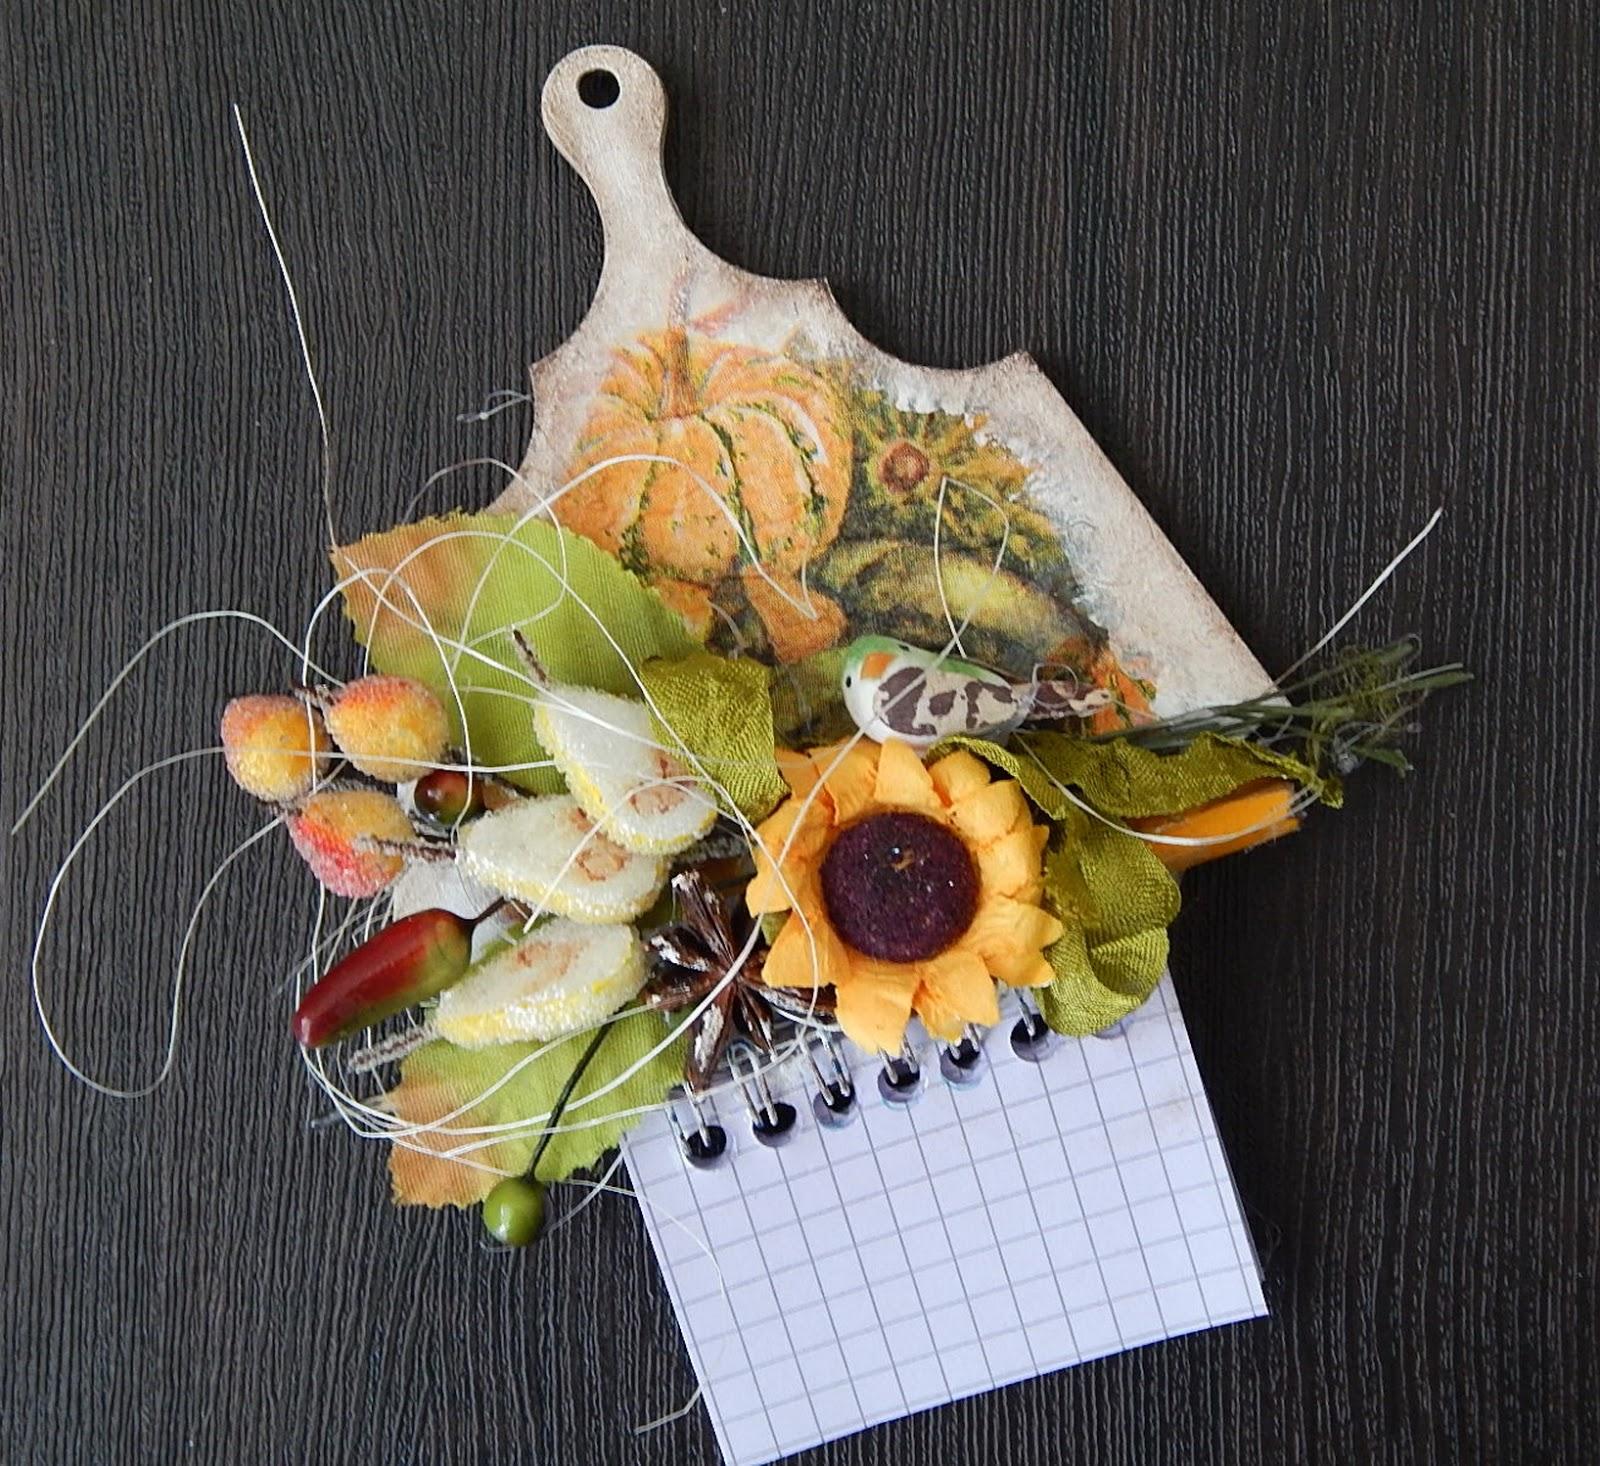 pr urozhajnyj art 035 - Идеи хендмейд-декора для вашего интерьера из подручных материалов